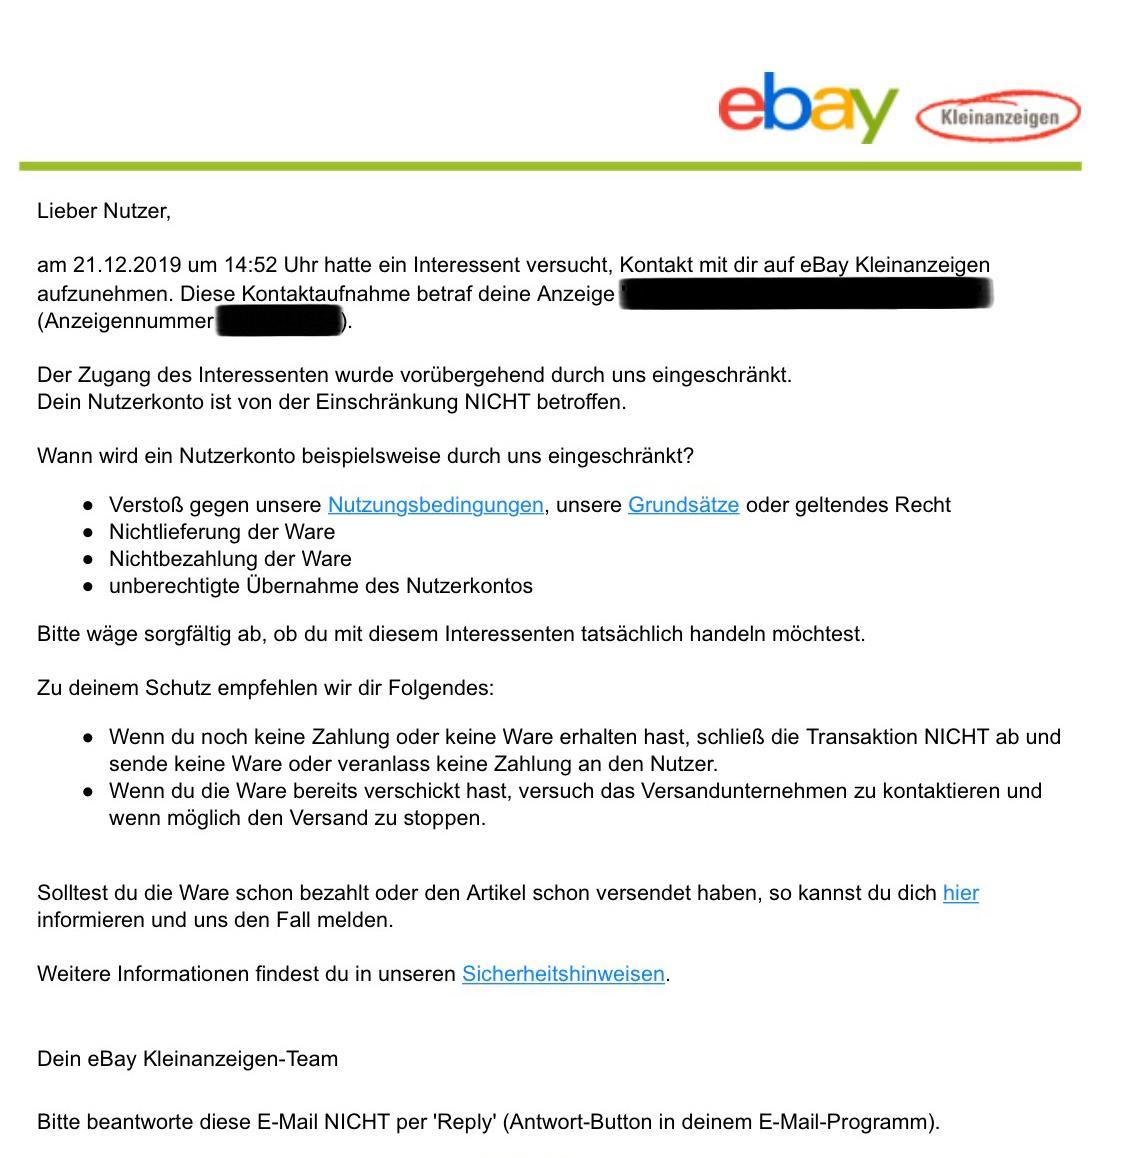 Ebay Kleinanzeigen Geld überweisen